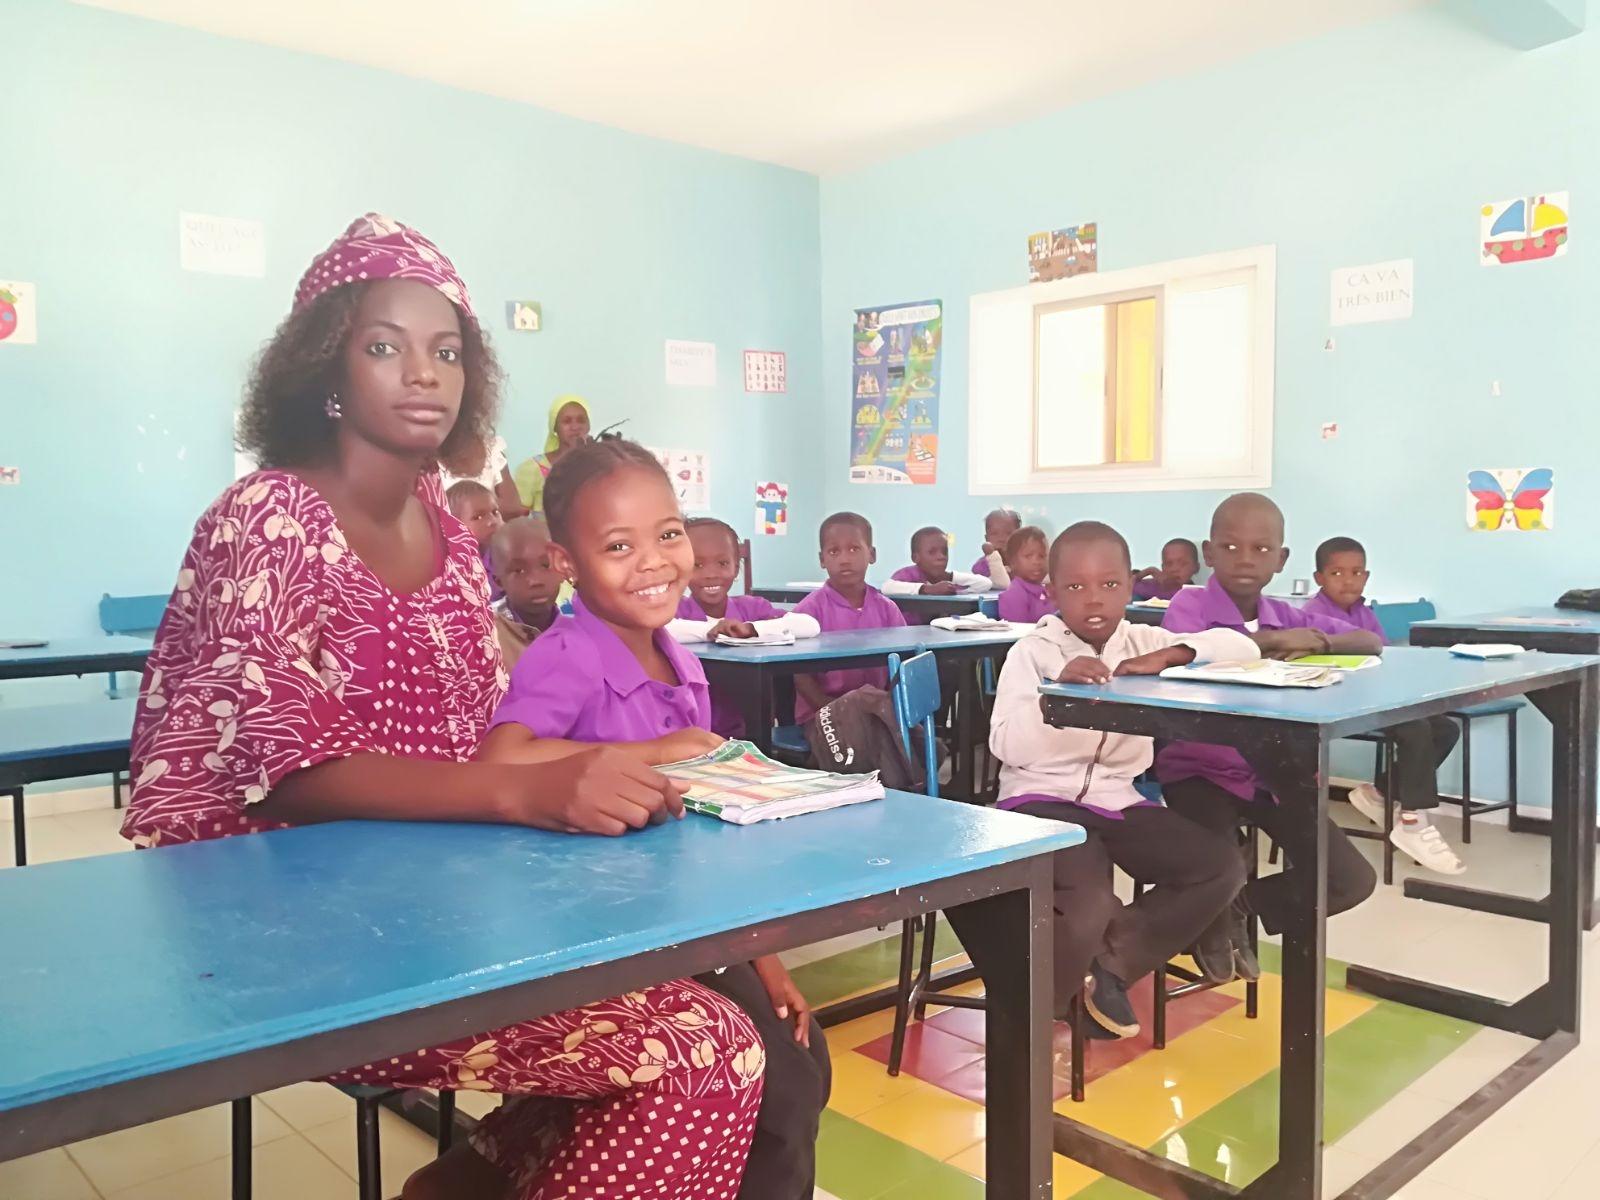 Escuela Arc en Ciel de Senegal